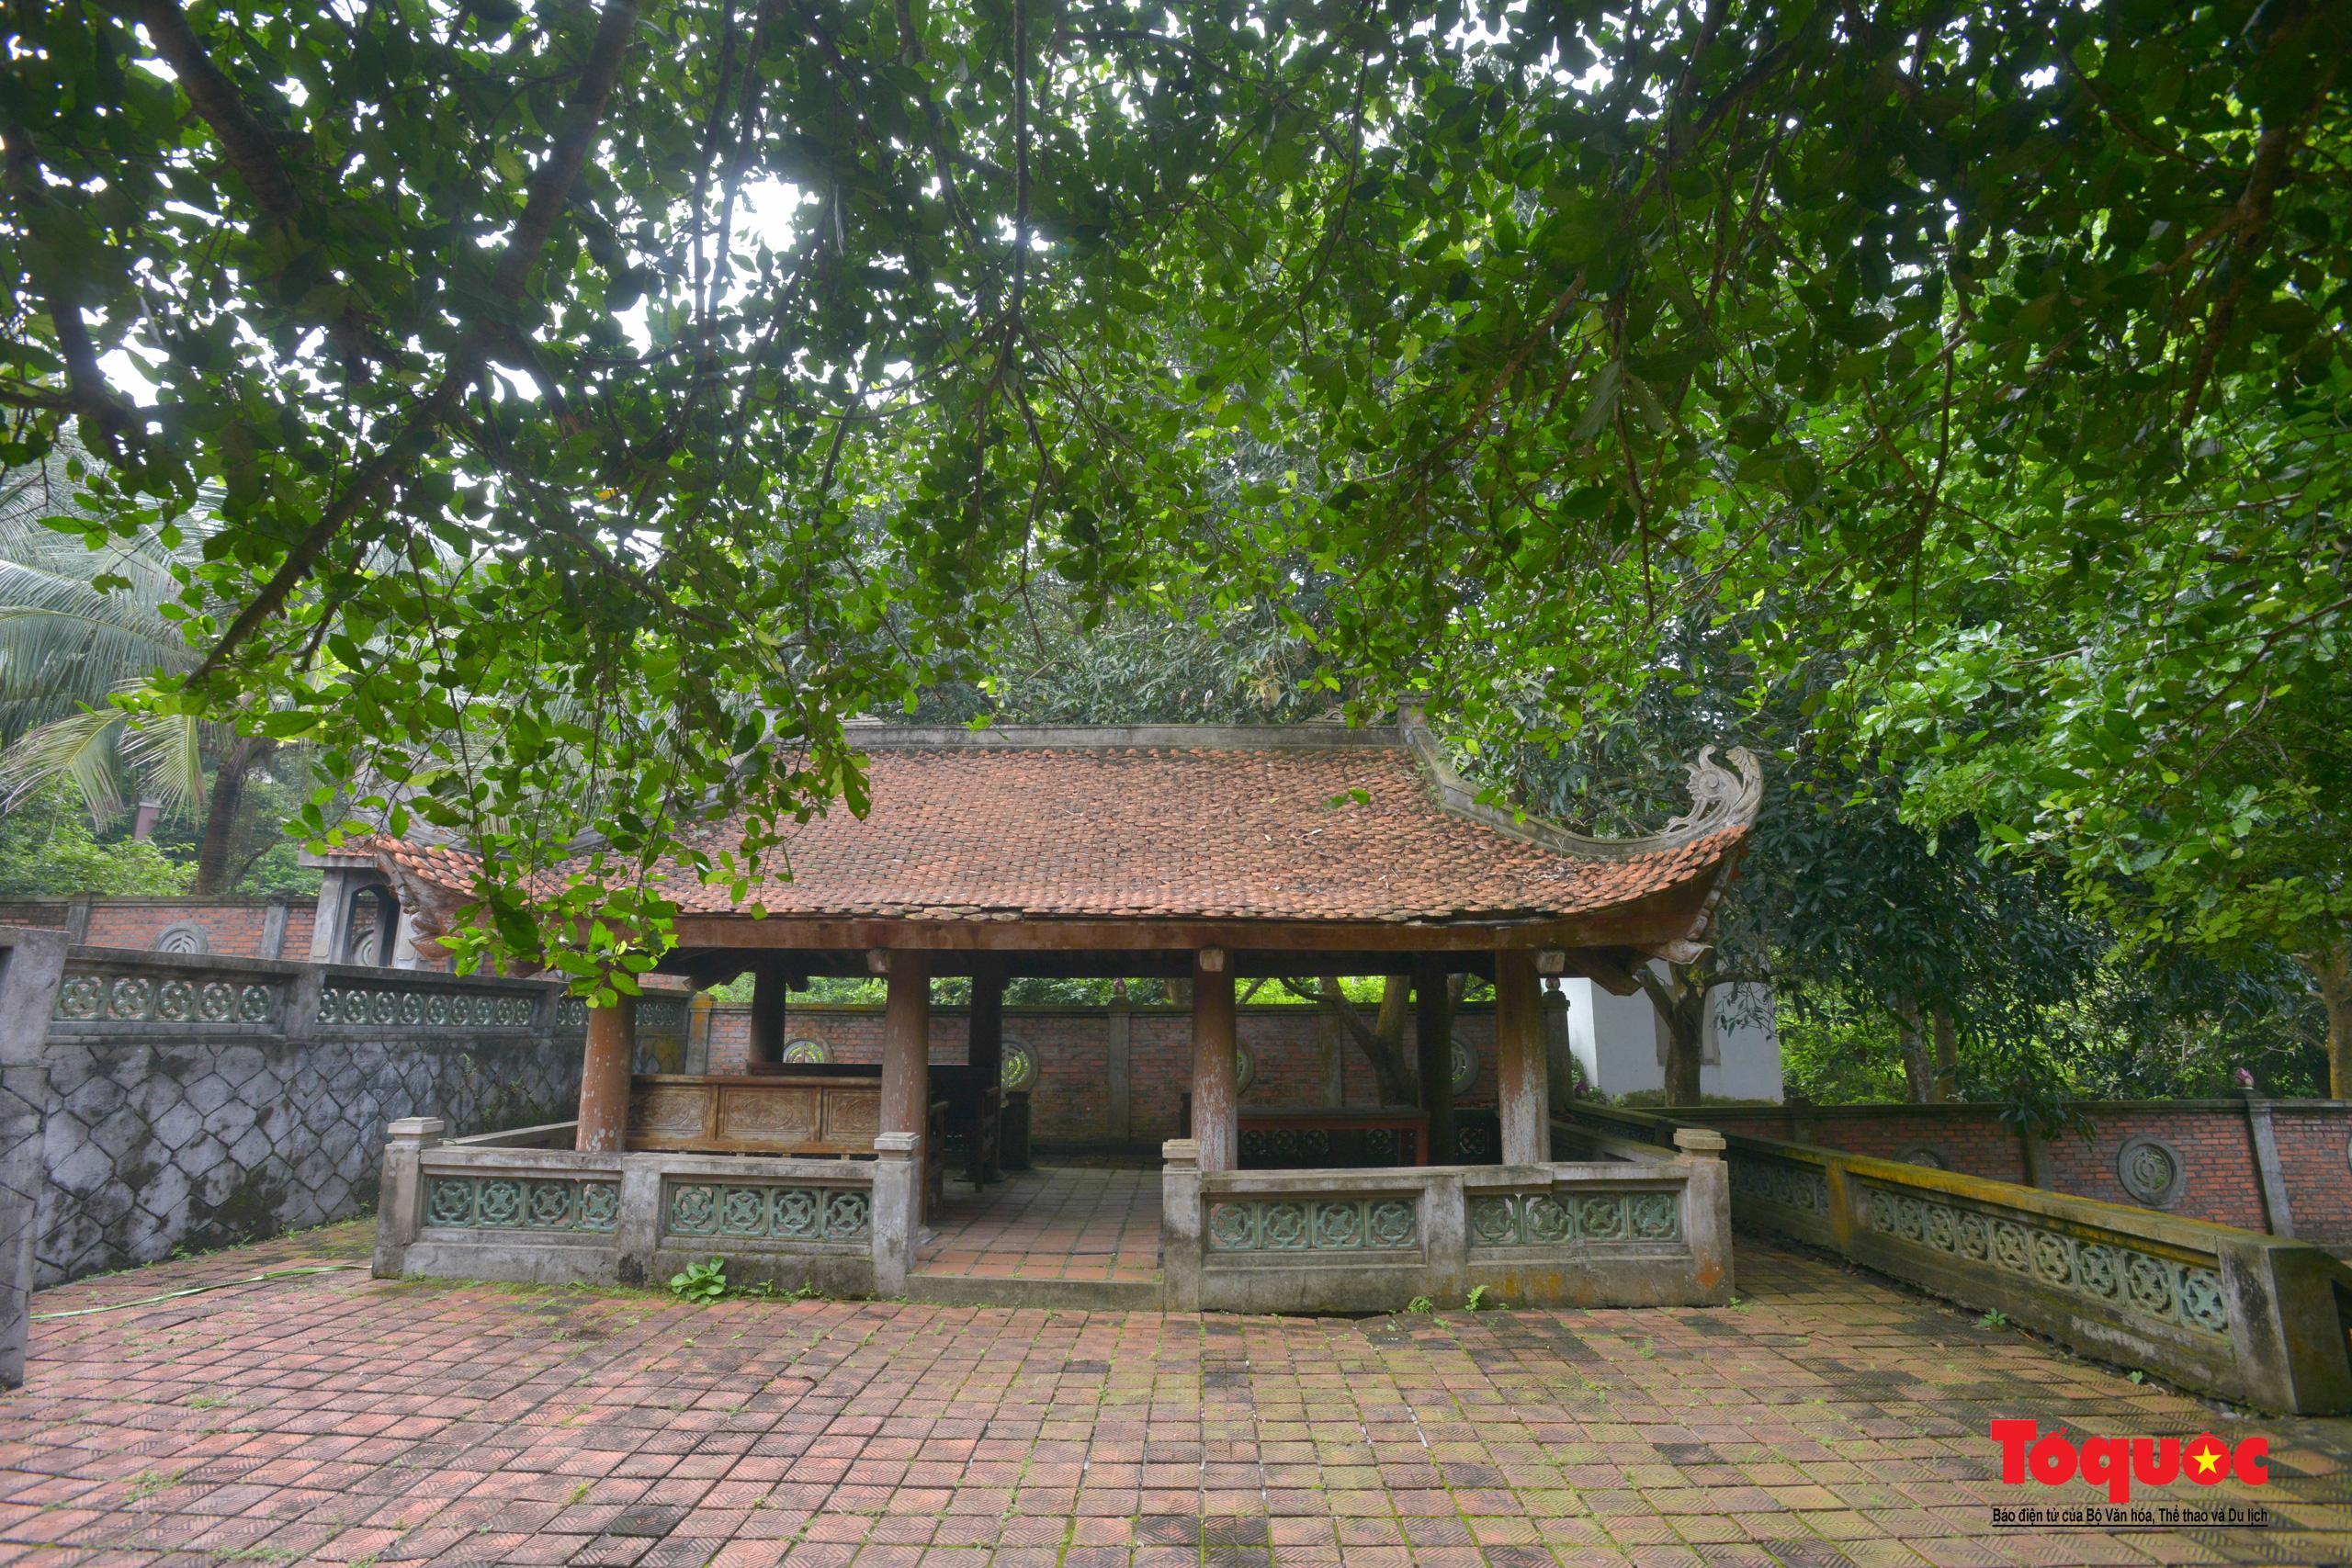 Khám phá ngôi chùa 800 tuổi giữa trùng khơi biển cả - Ảnh 4.